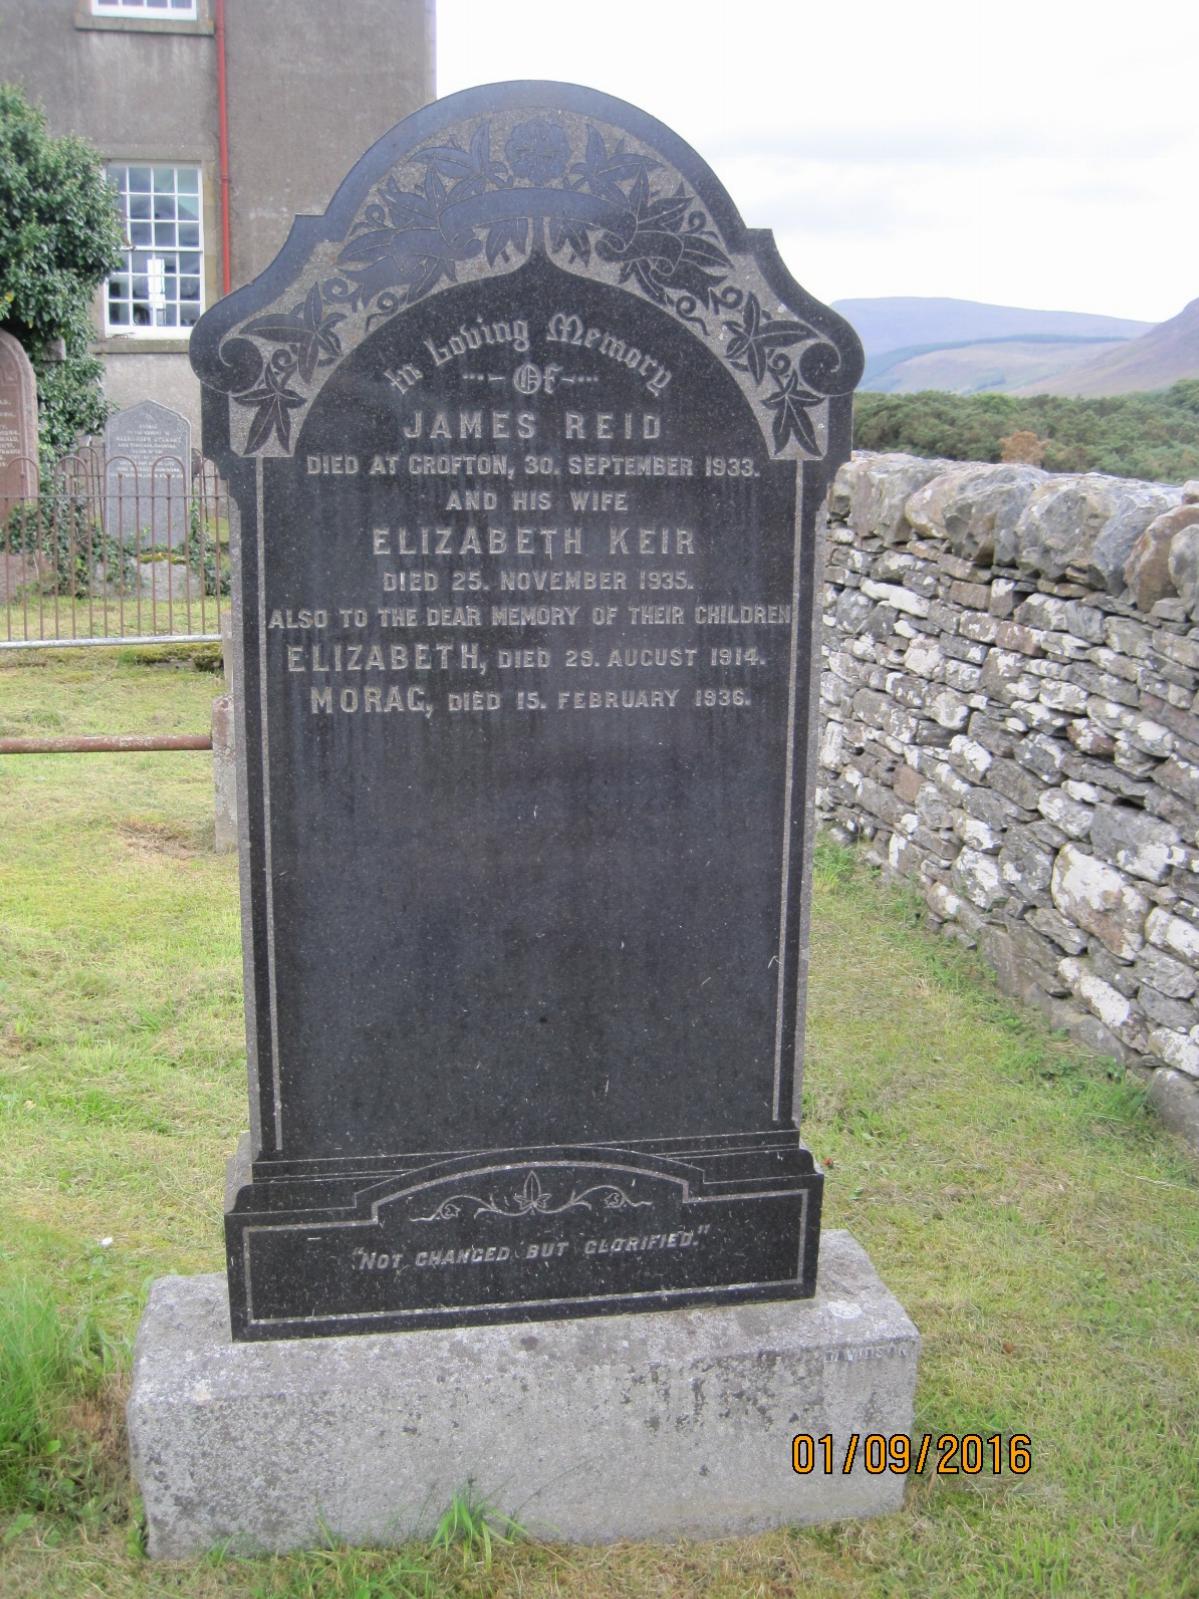 James Reid 1933